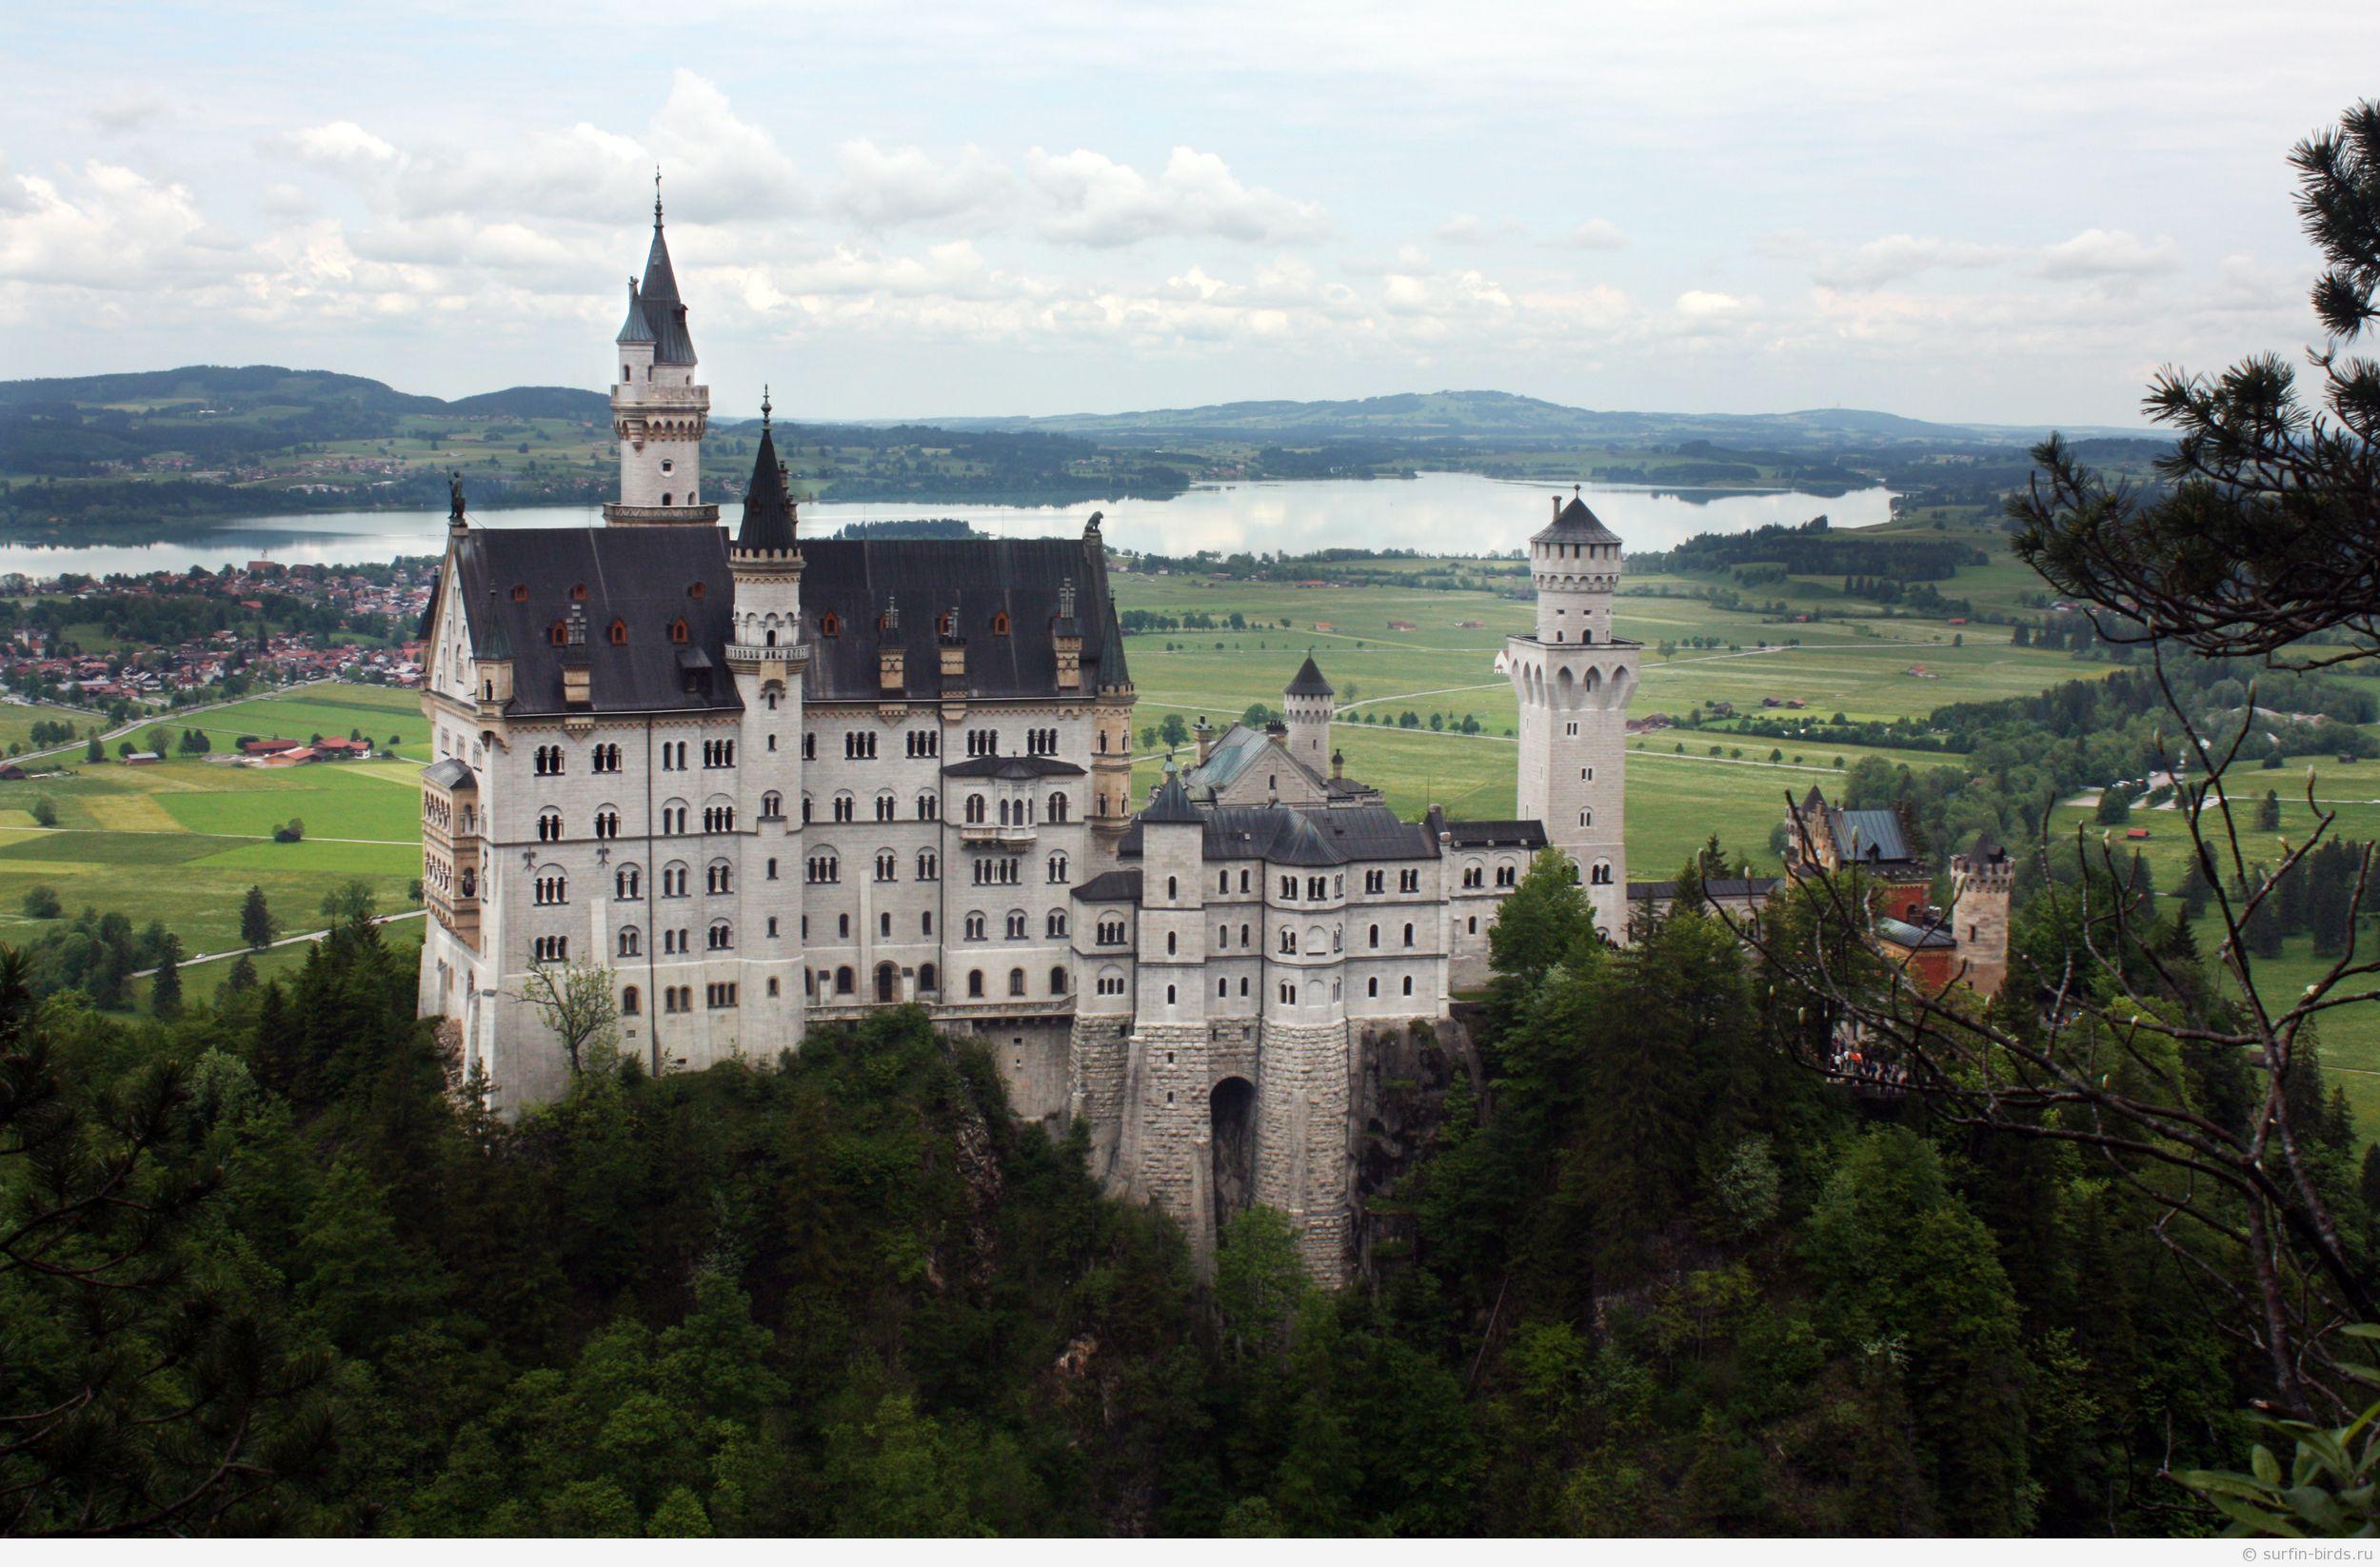 Schloß Neuschwanstein, замок Нойшванштайн